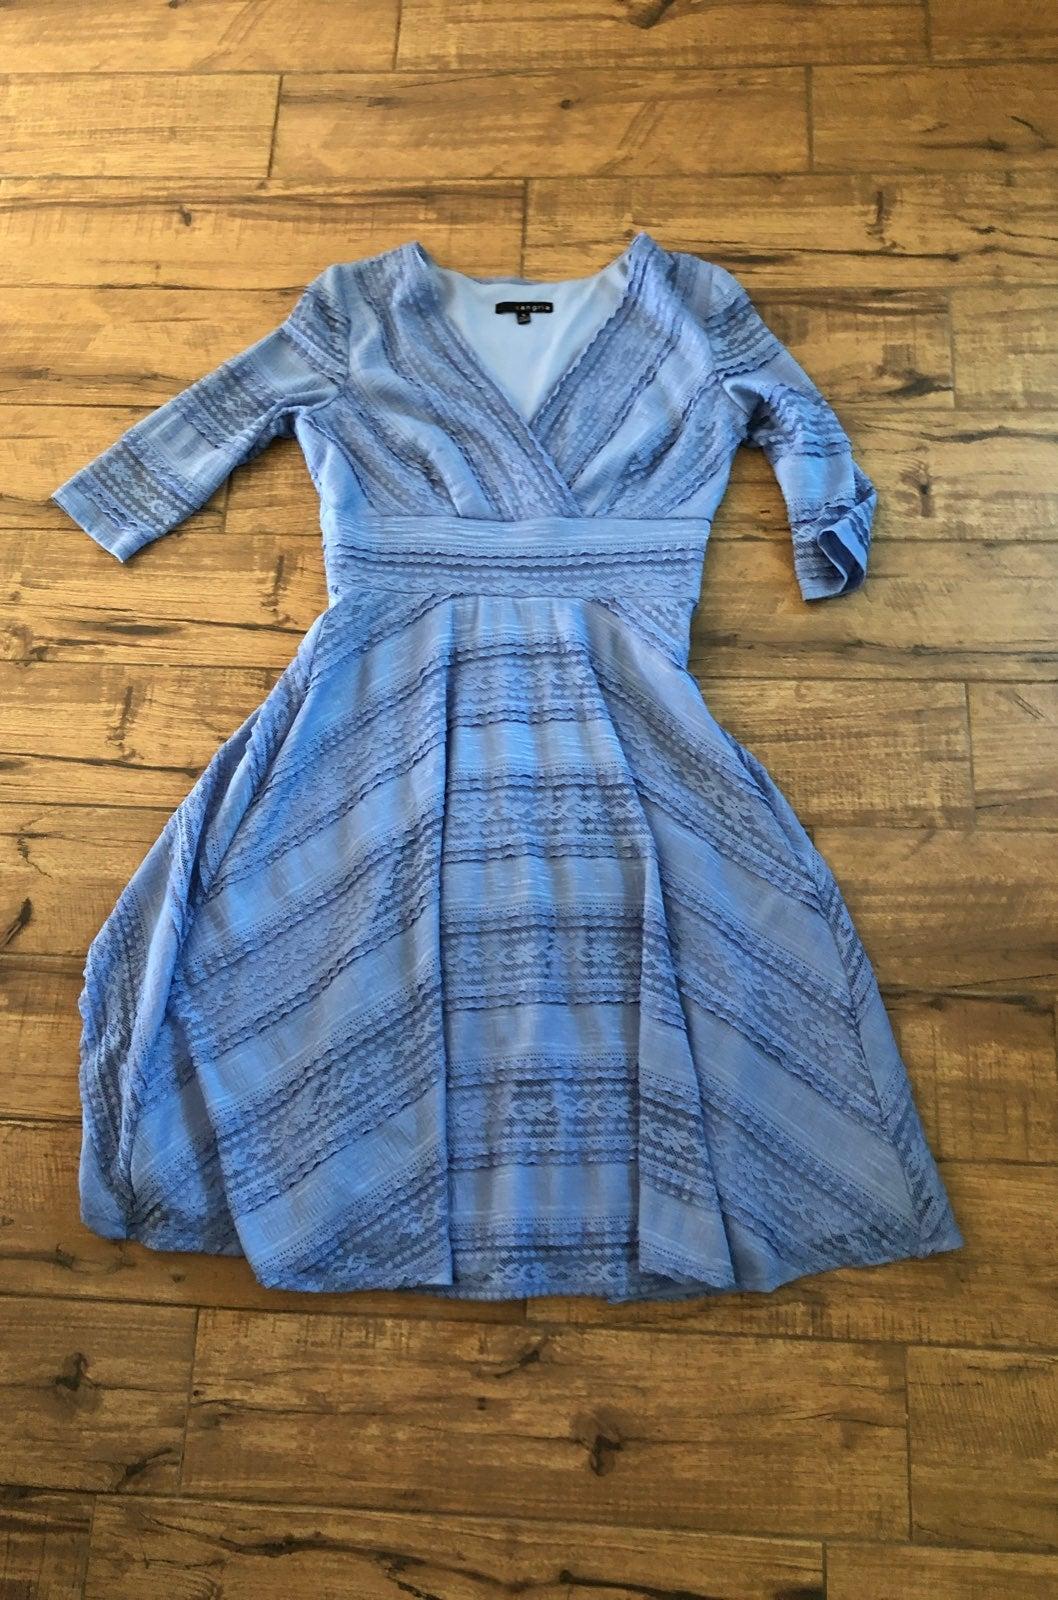 Sangria Modest Blue Lace Dress 12